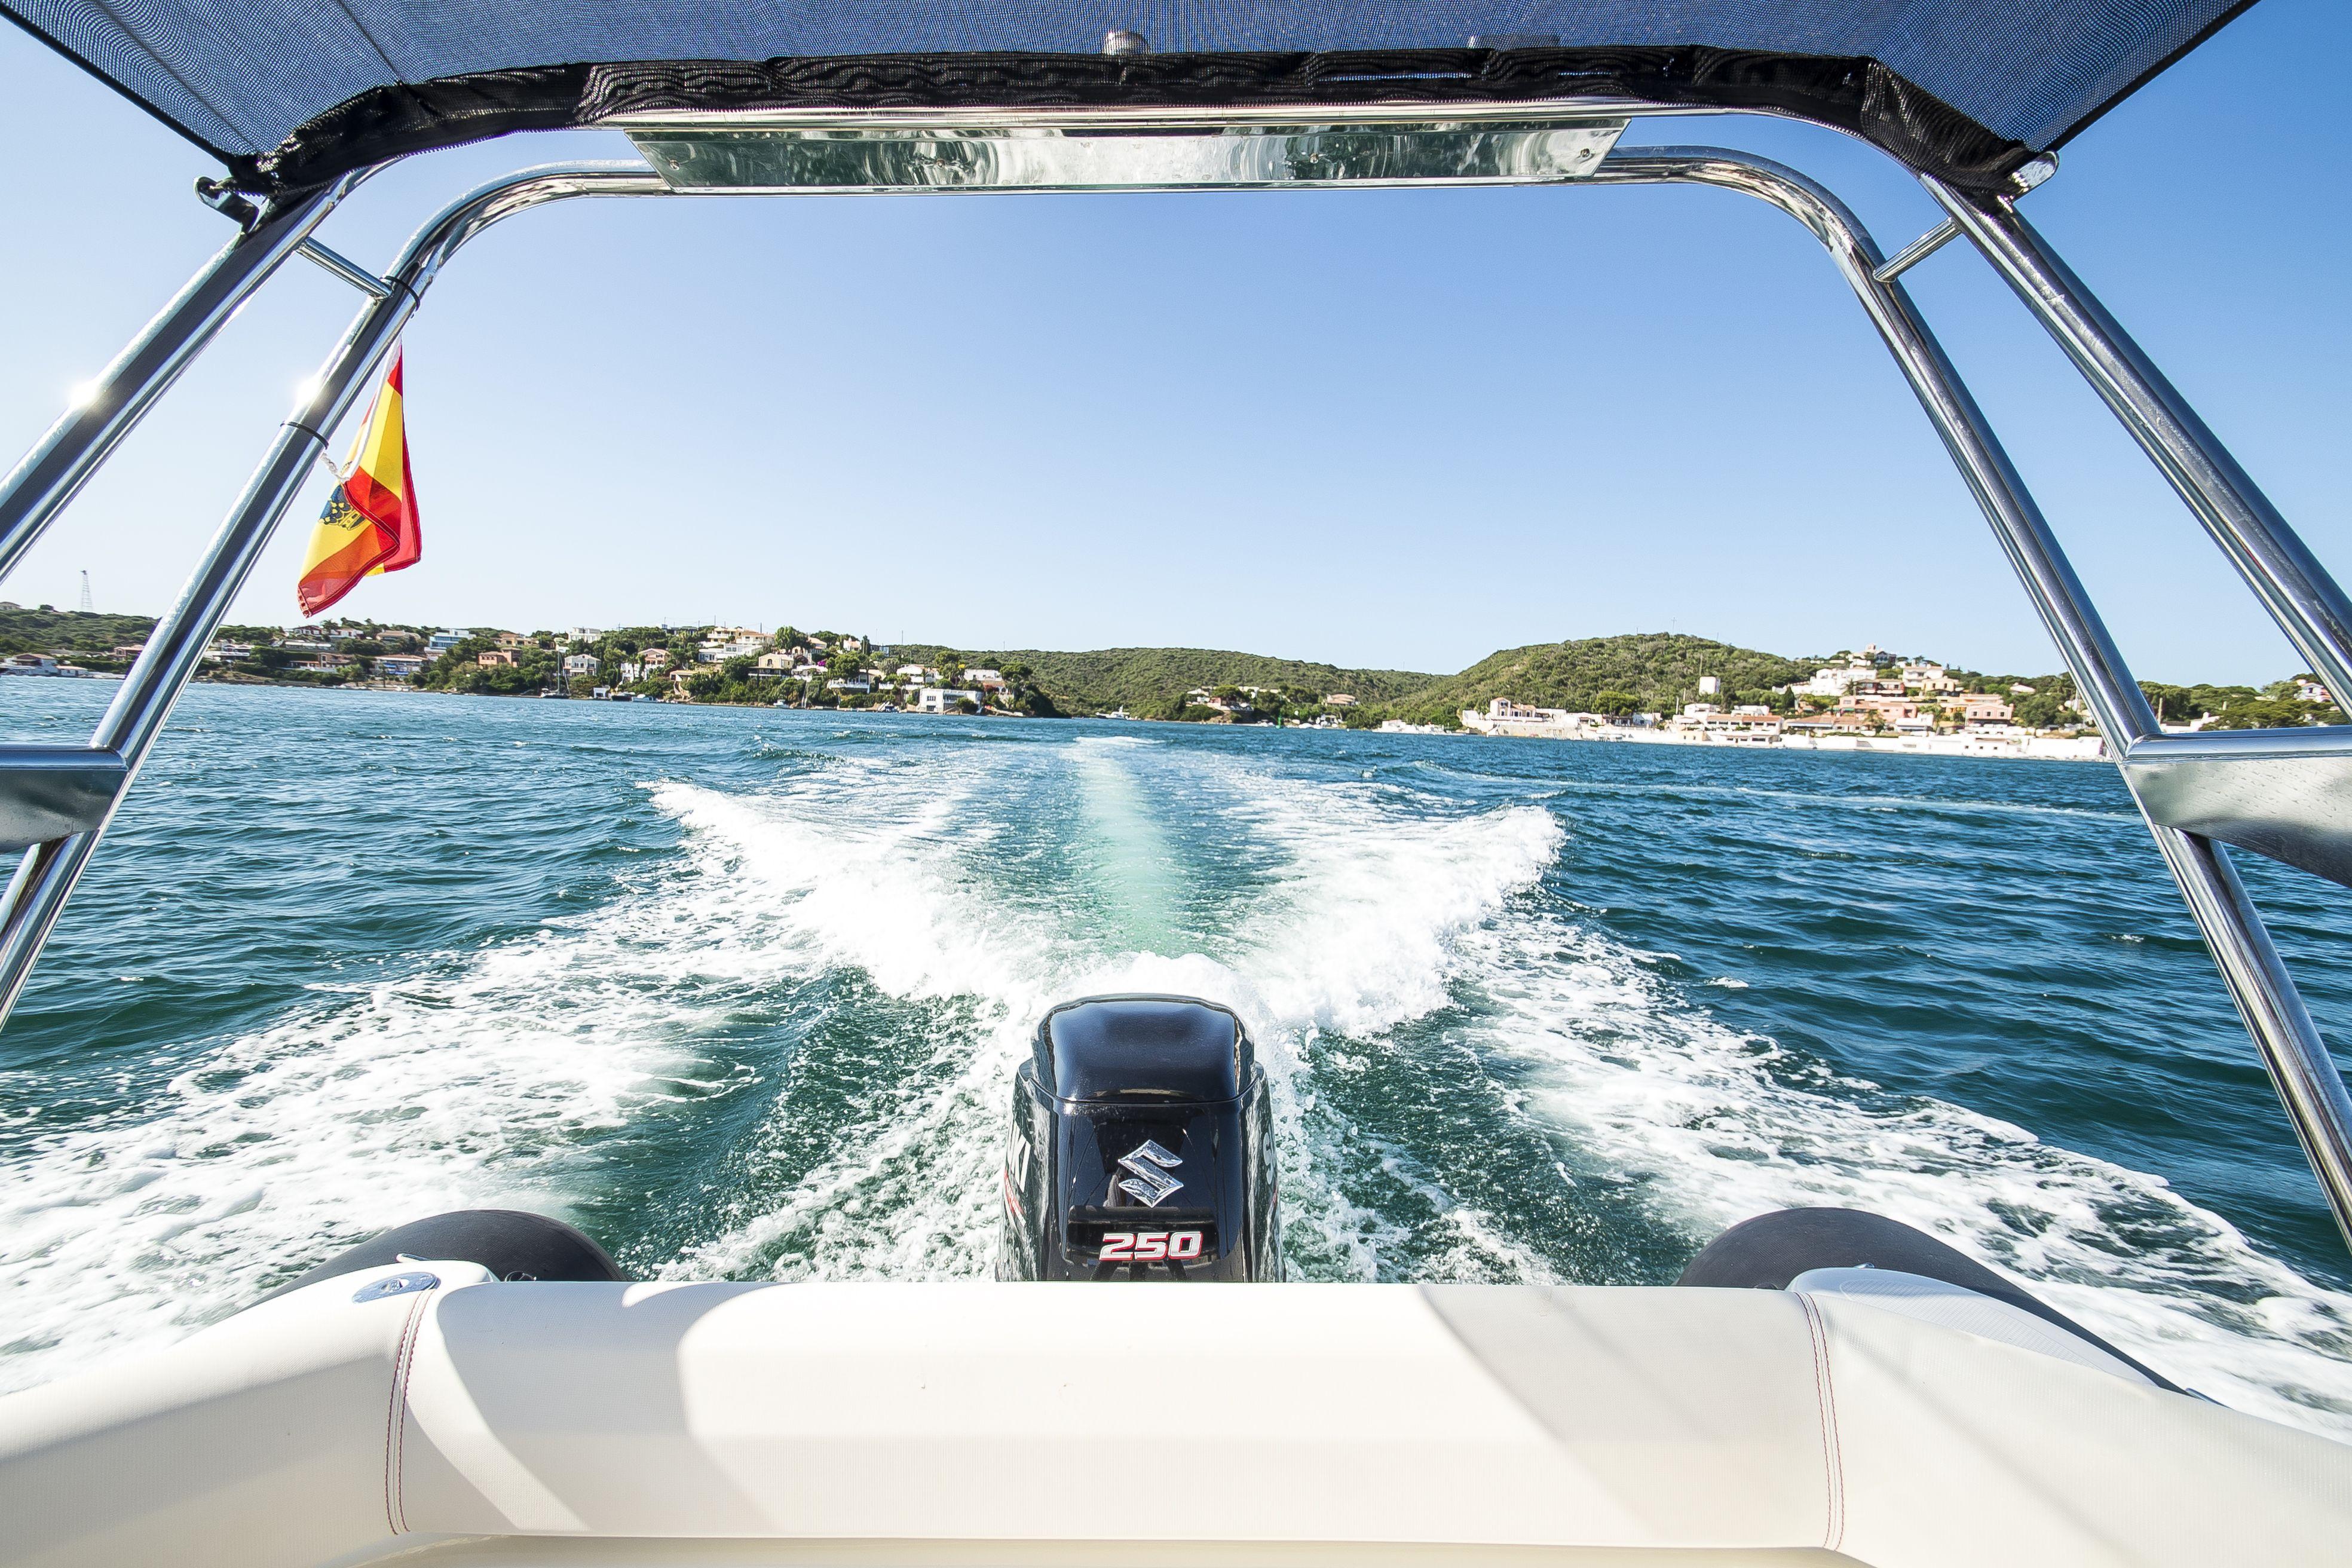 Vacaciones en familia en Menorca